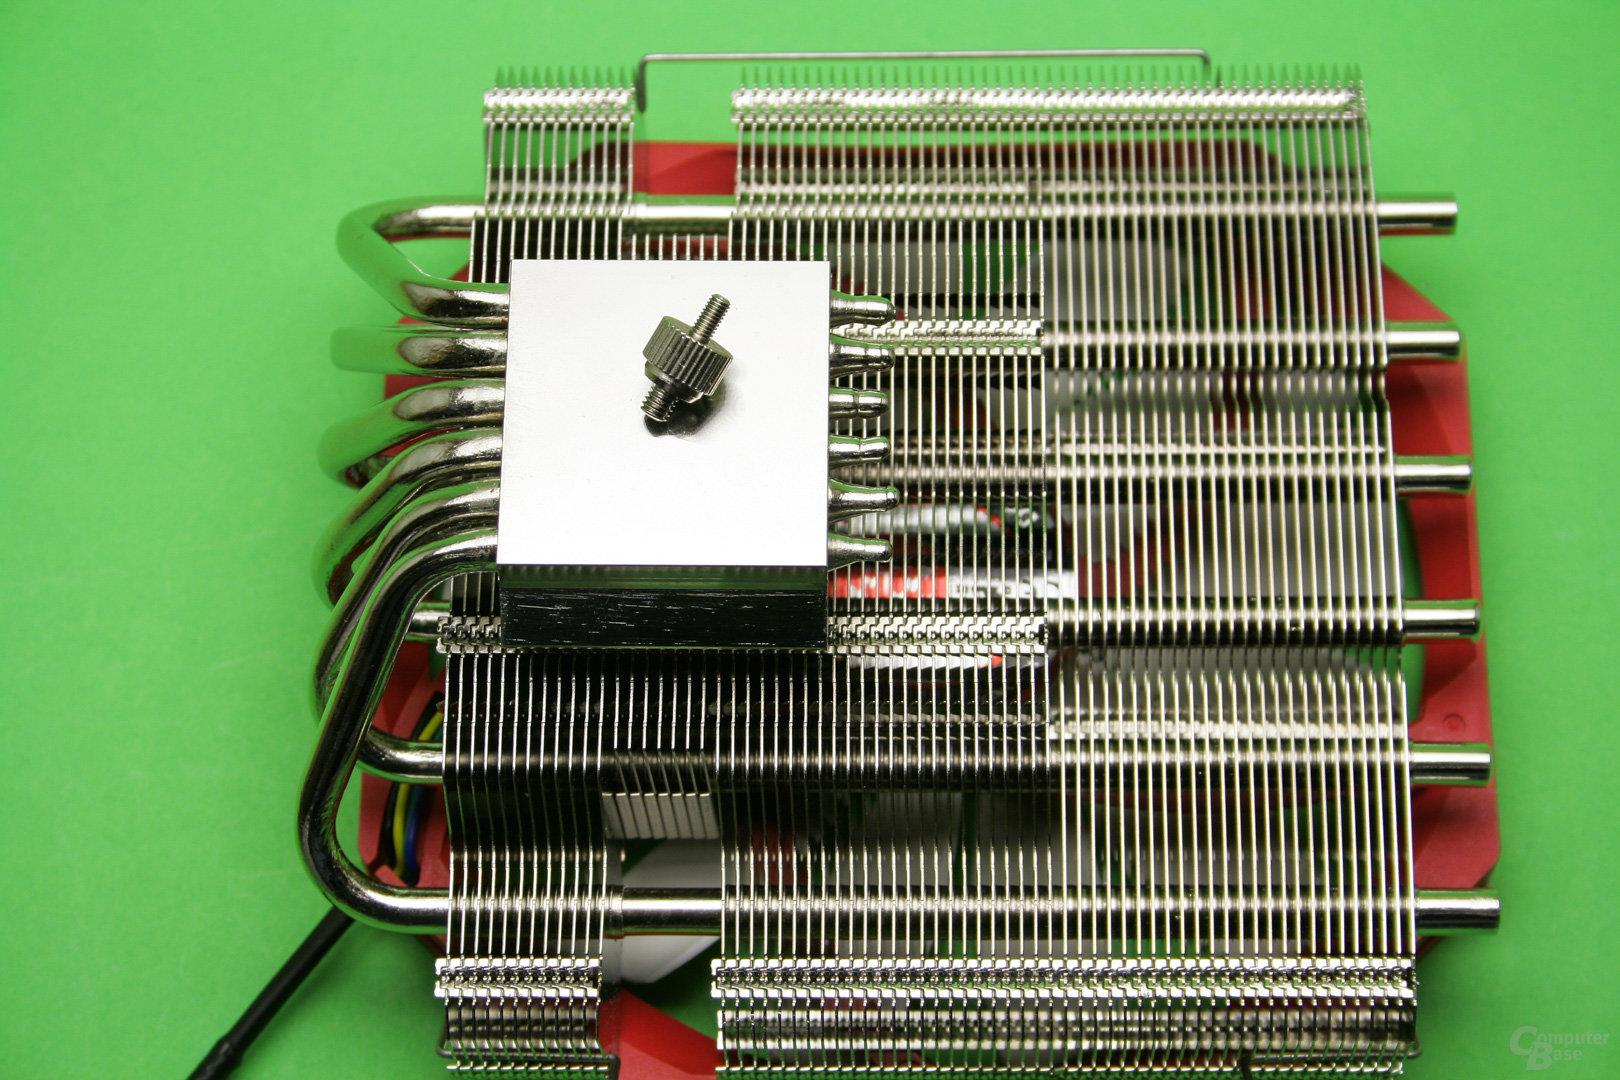 Raijintek Pallas: Der CPU liegt eine vernickelte Kupferplatte auf